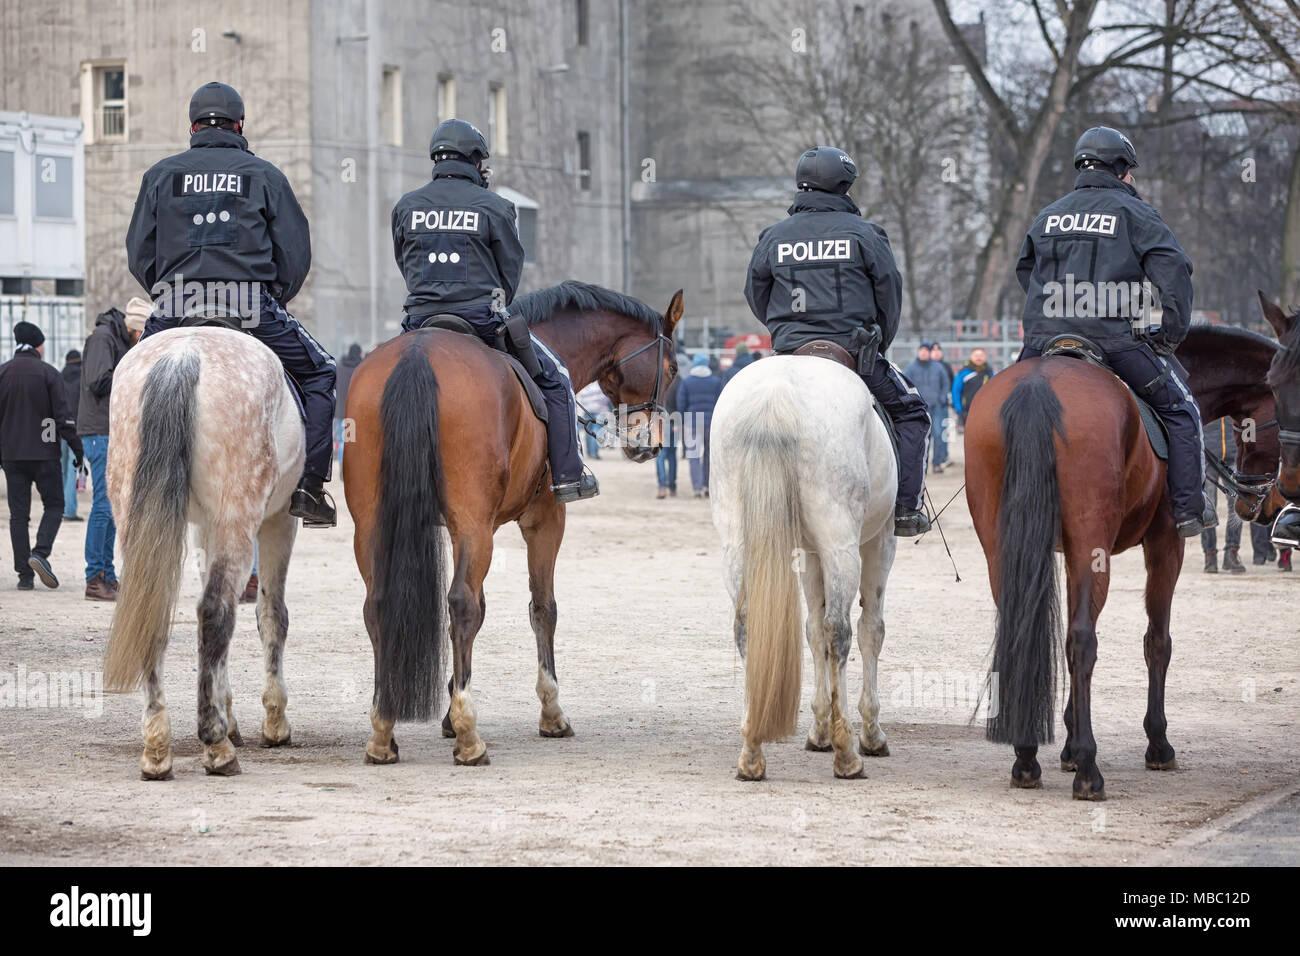 Reiterstaffel der Polizei auf dem Heiligengeistfeld in Hamburg nach dem Zweitligaspiel FC St. Pauli gegen Dynamo Dresden - Stock Image